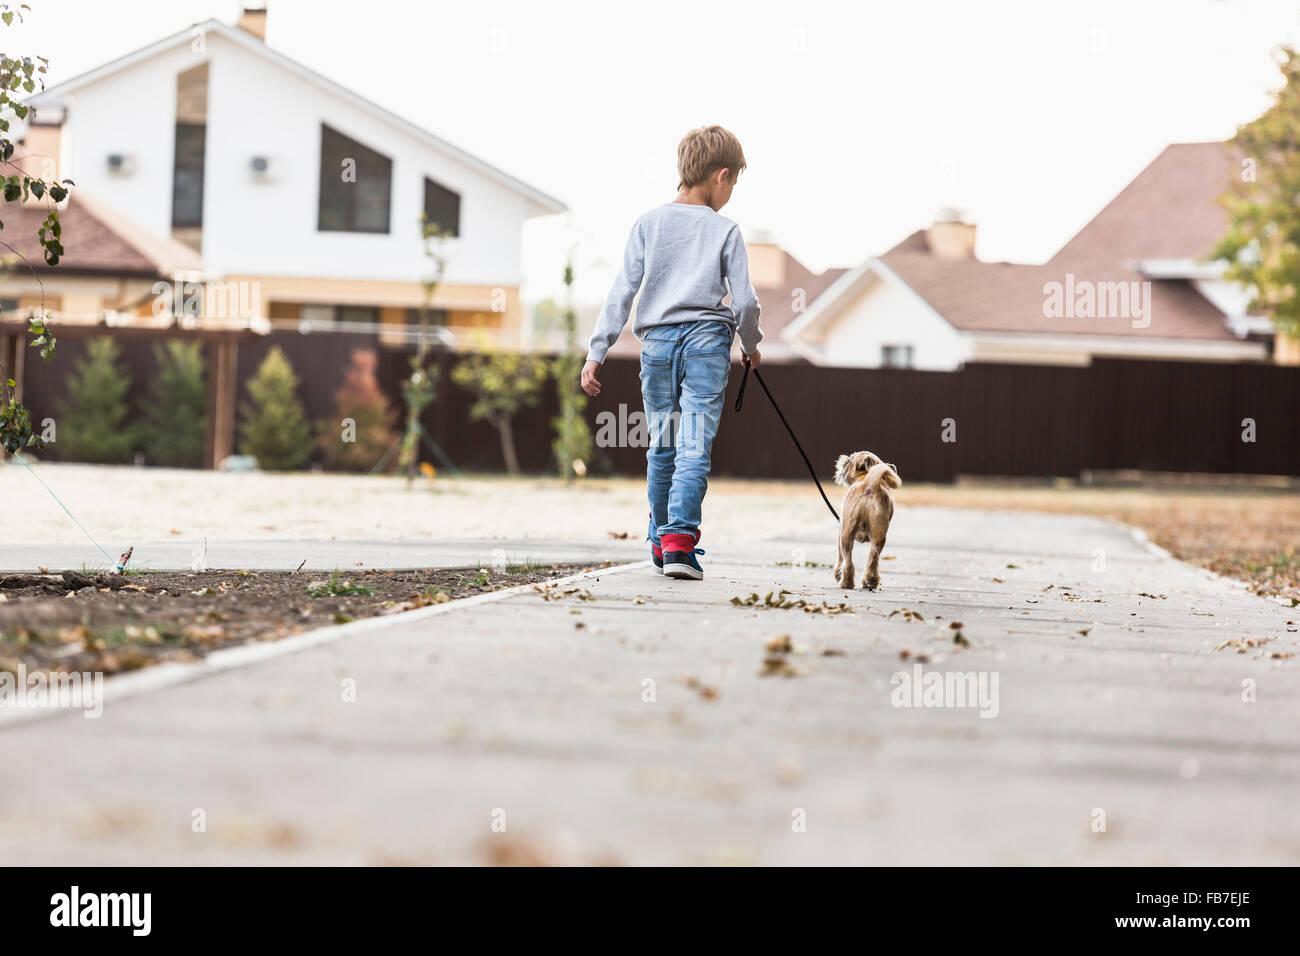 Rückansicht des jungen Wandern mit Hund auf Fußweg Stockbild